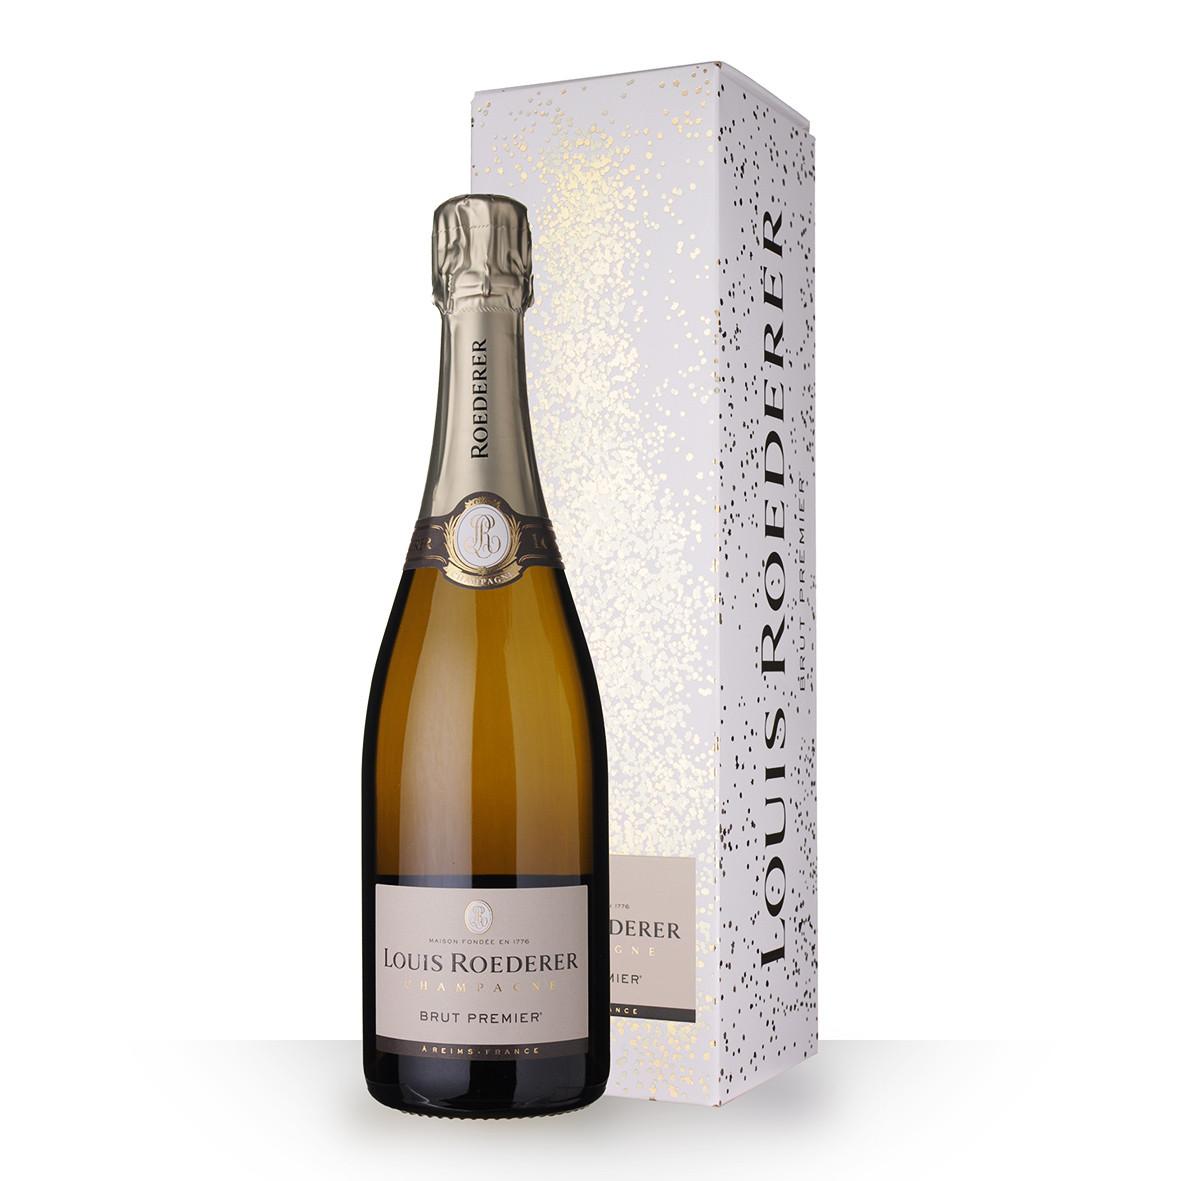 Champagne Louis Roederer 1er Brut 75cl Etui www.odyssee-vins.com